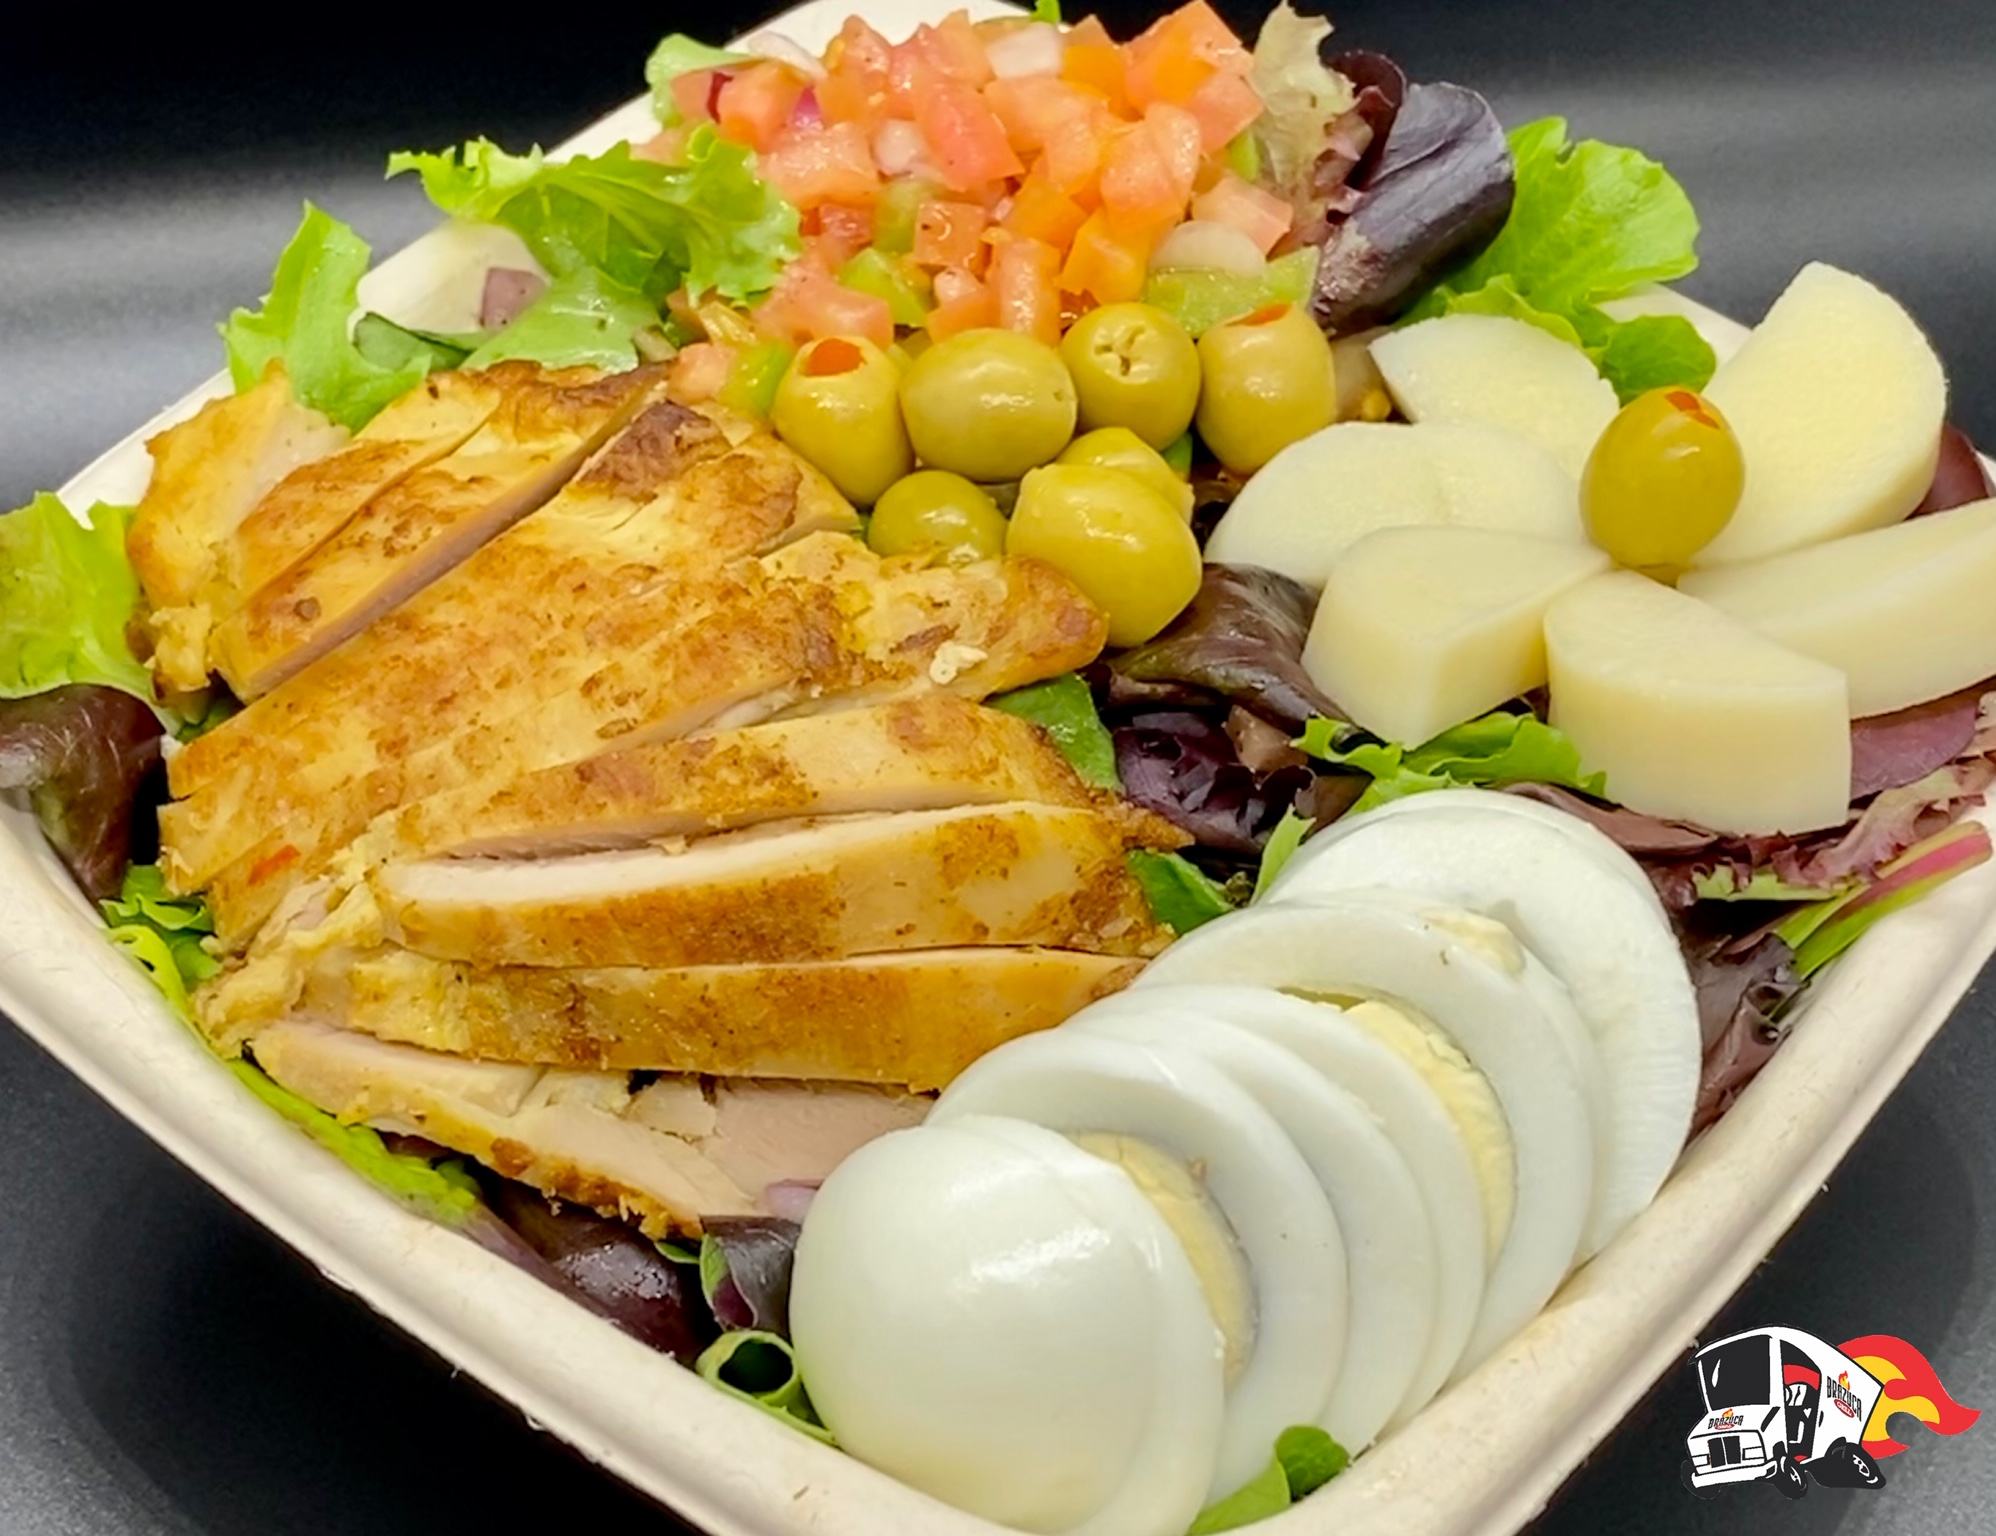 Brazuca's Salad